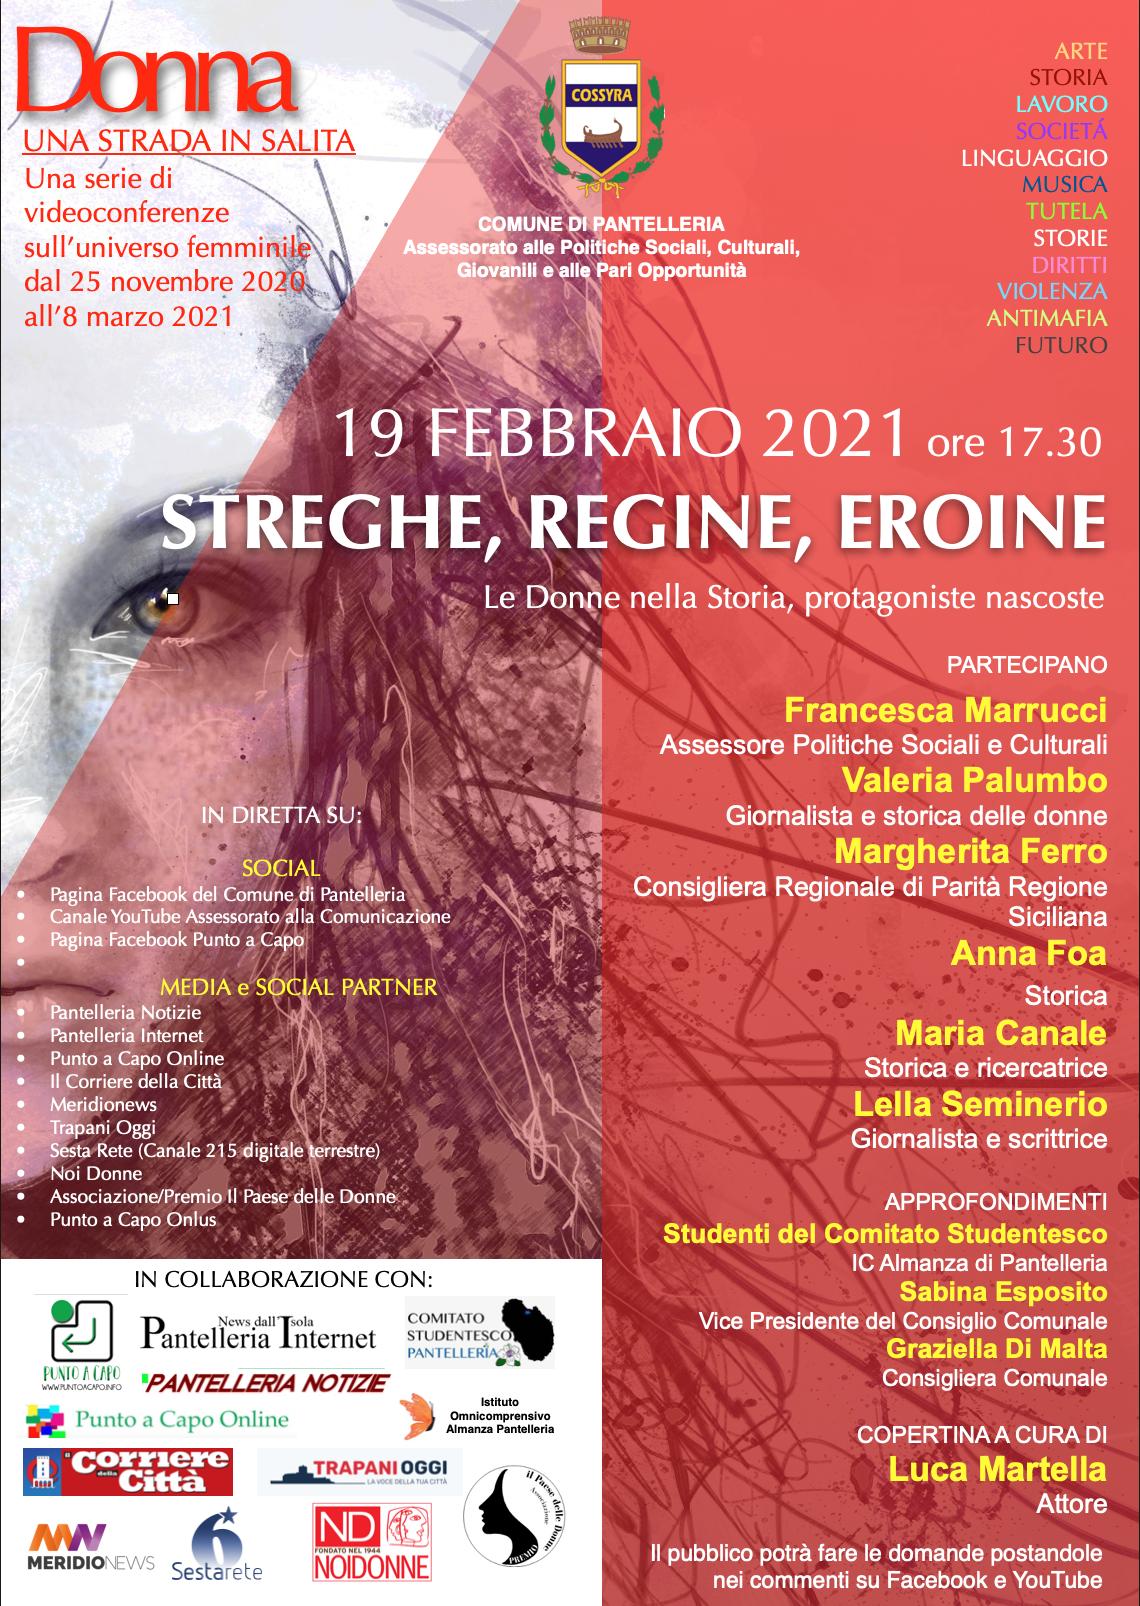 Pantelleria, dal 19 febbraio al via le tre videoconferenze ed il concerto finali del Progetto 'Donna: Una Strada in Salita' con ospiti di altissimo livello